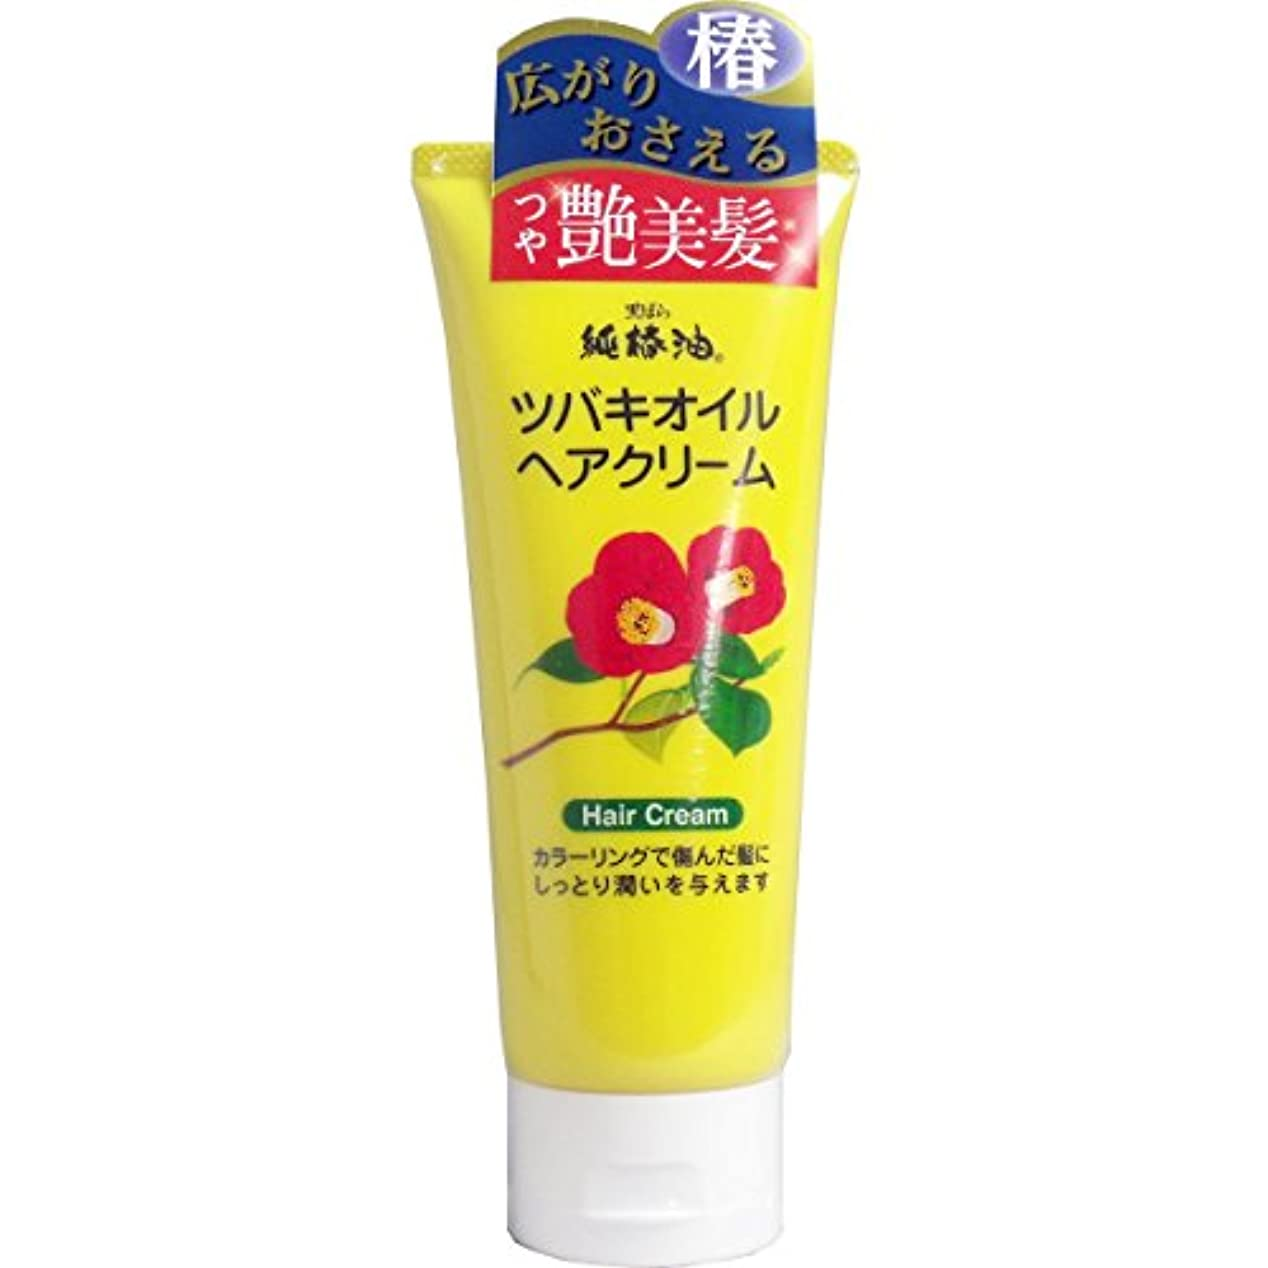 基準手足のみ【まとめ買い】黒ばら純椿油 ツバキオイルヘアクリーム 150g ×2セット